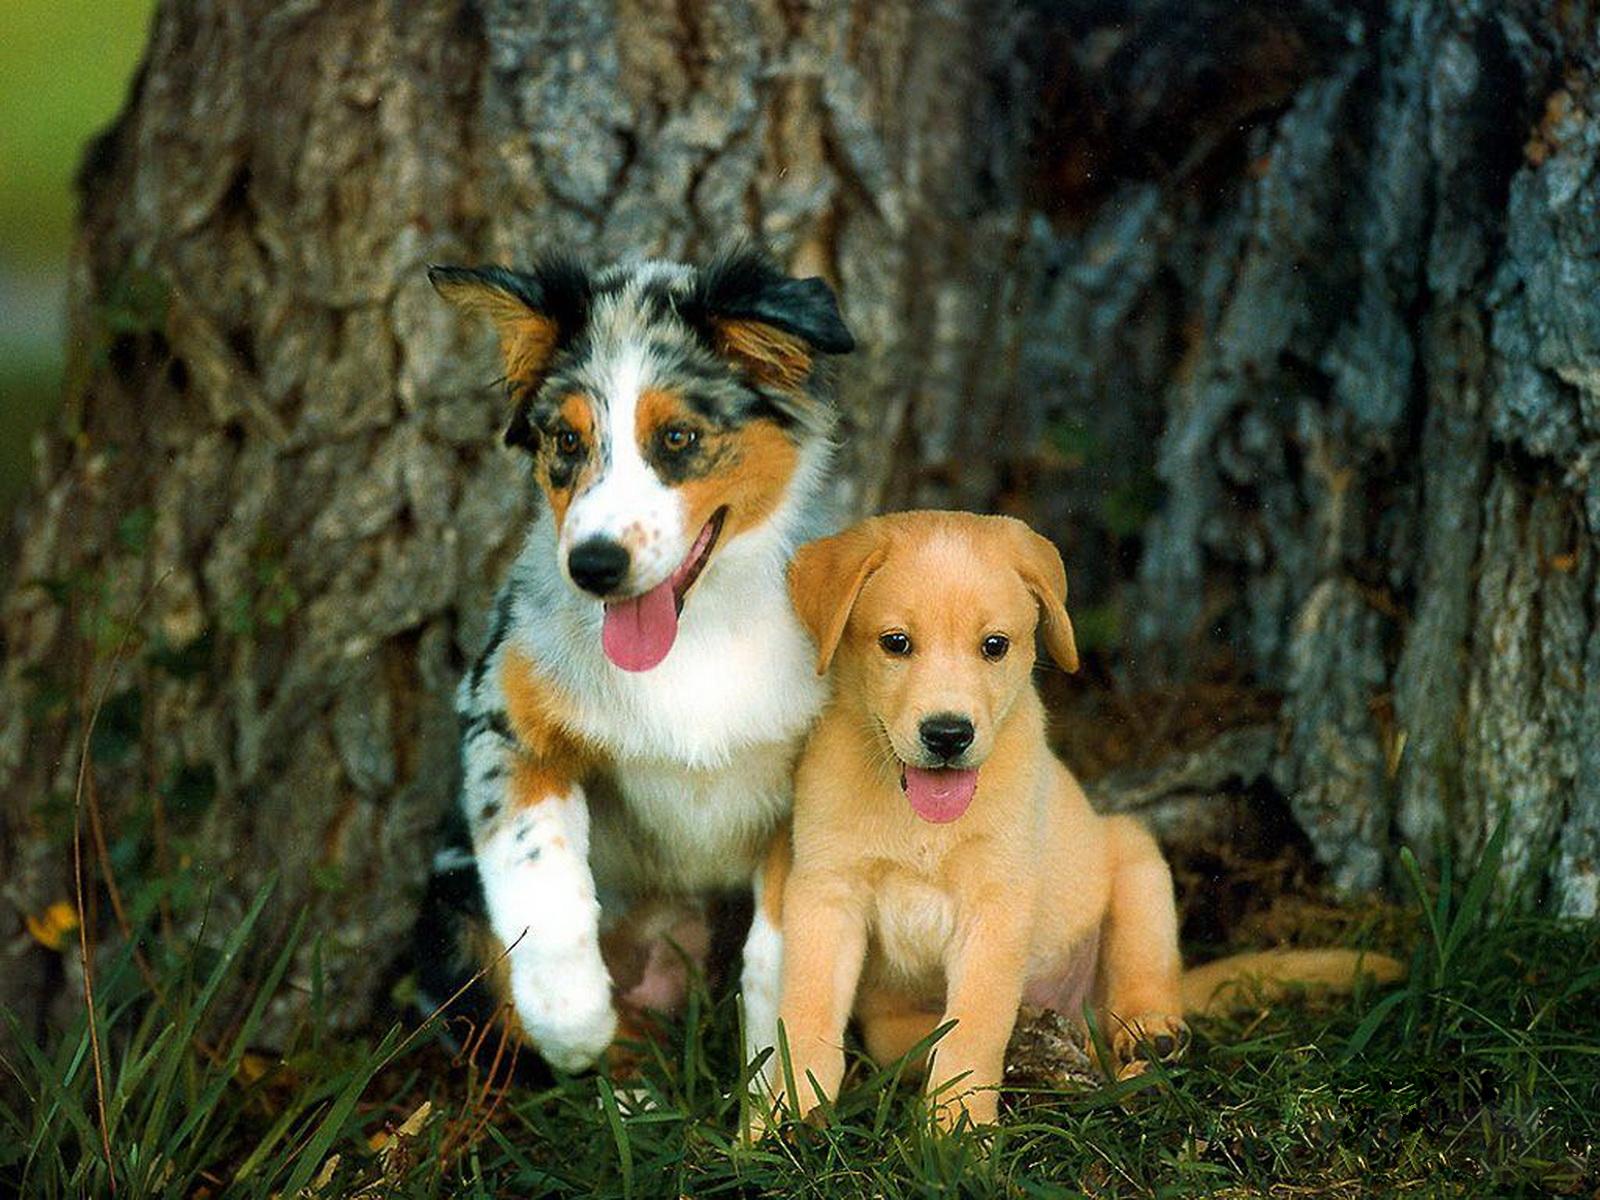 http://3.bp.blogspot.com/-yhP3bg5diFI/Tyw5Man6veI/AAAAAAAAAz8/vei34UUvVNs/s1600/3-Cute+Dog+1600x1200.jpg